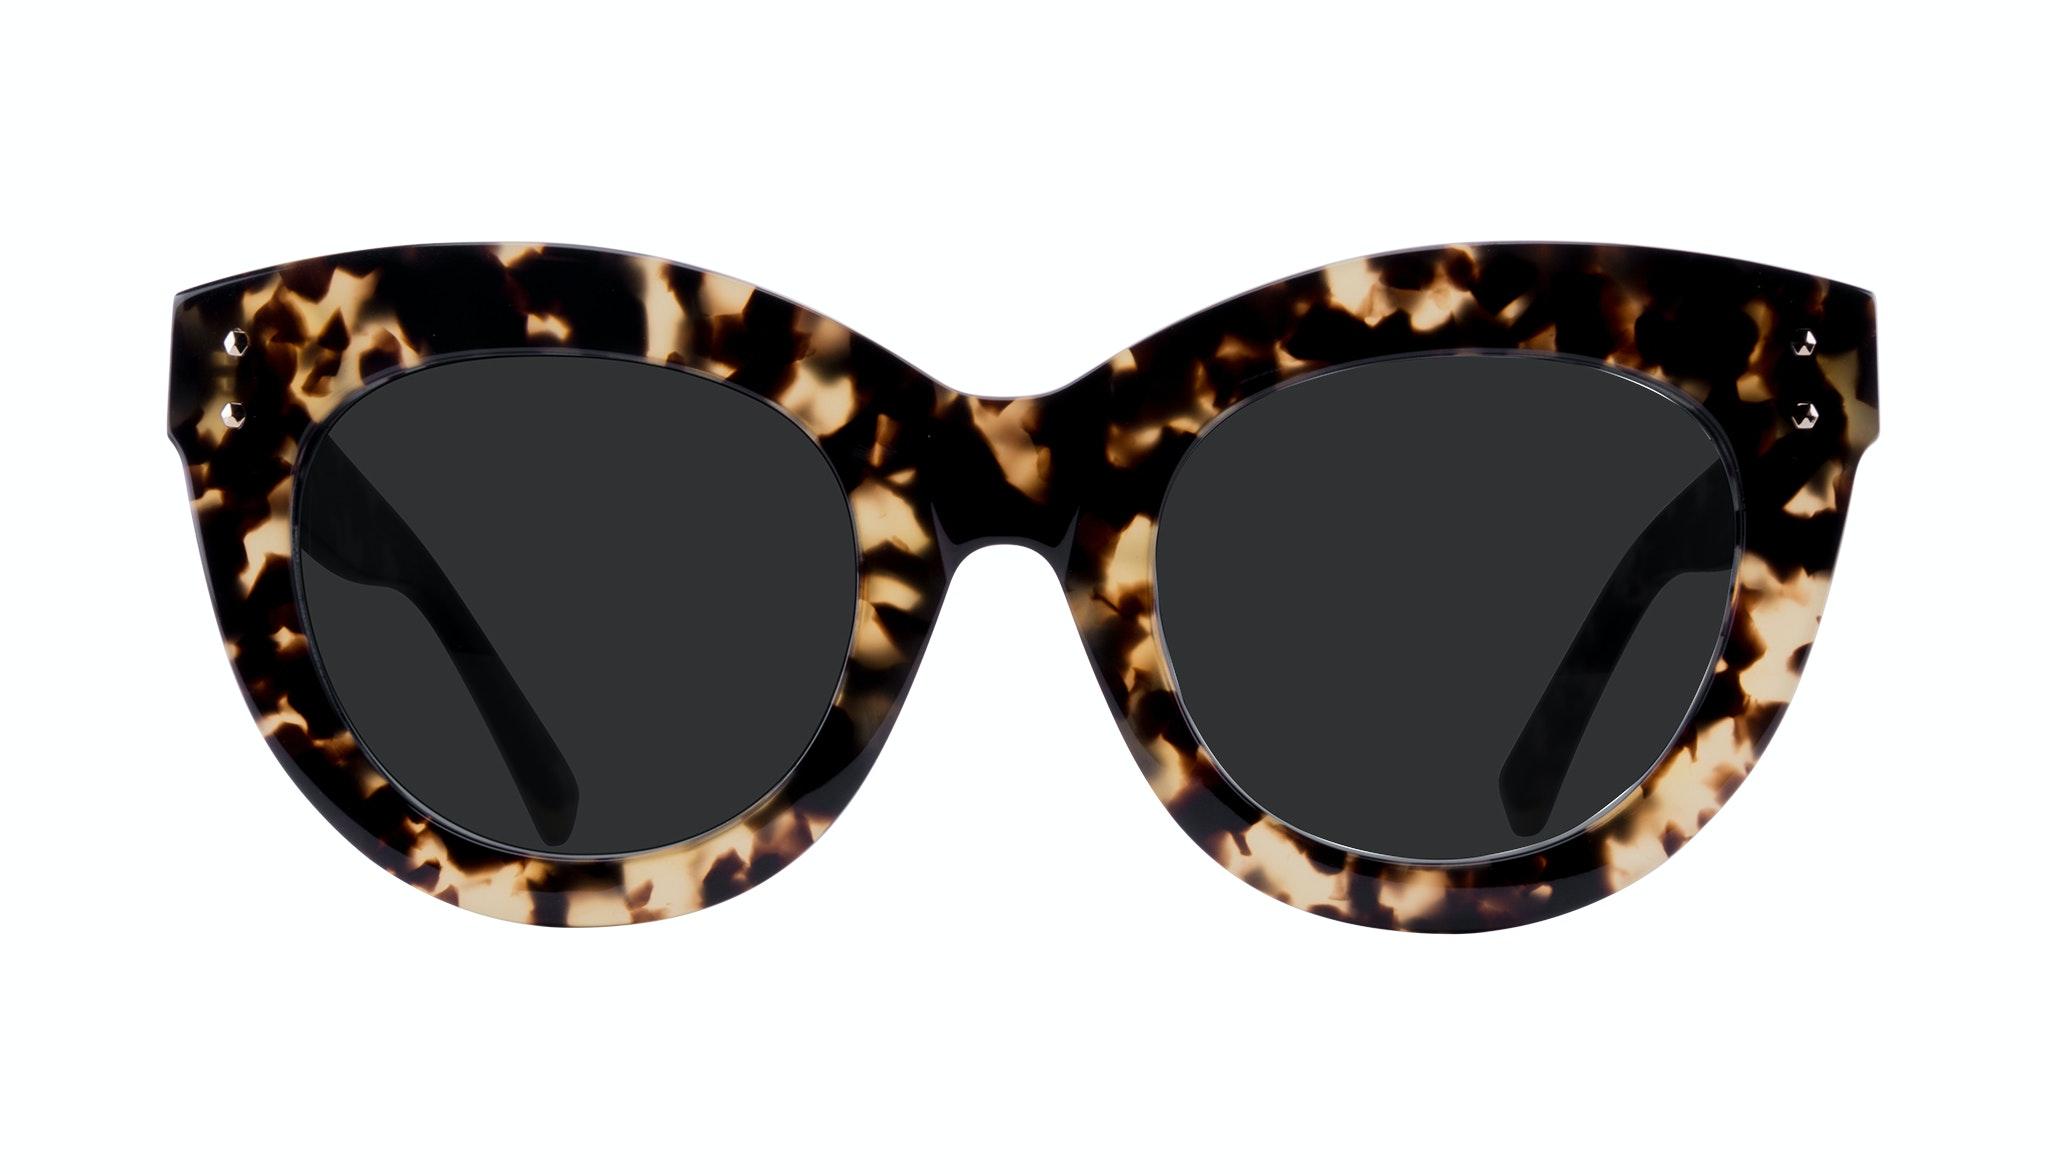 Lunettes tendance Oeil de chat Lunettes solaires Femmes Dusk Tortoise Face